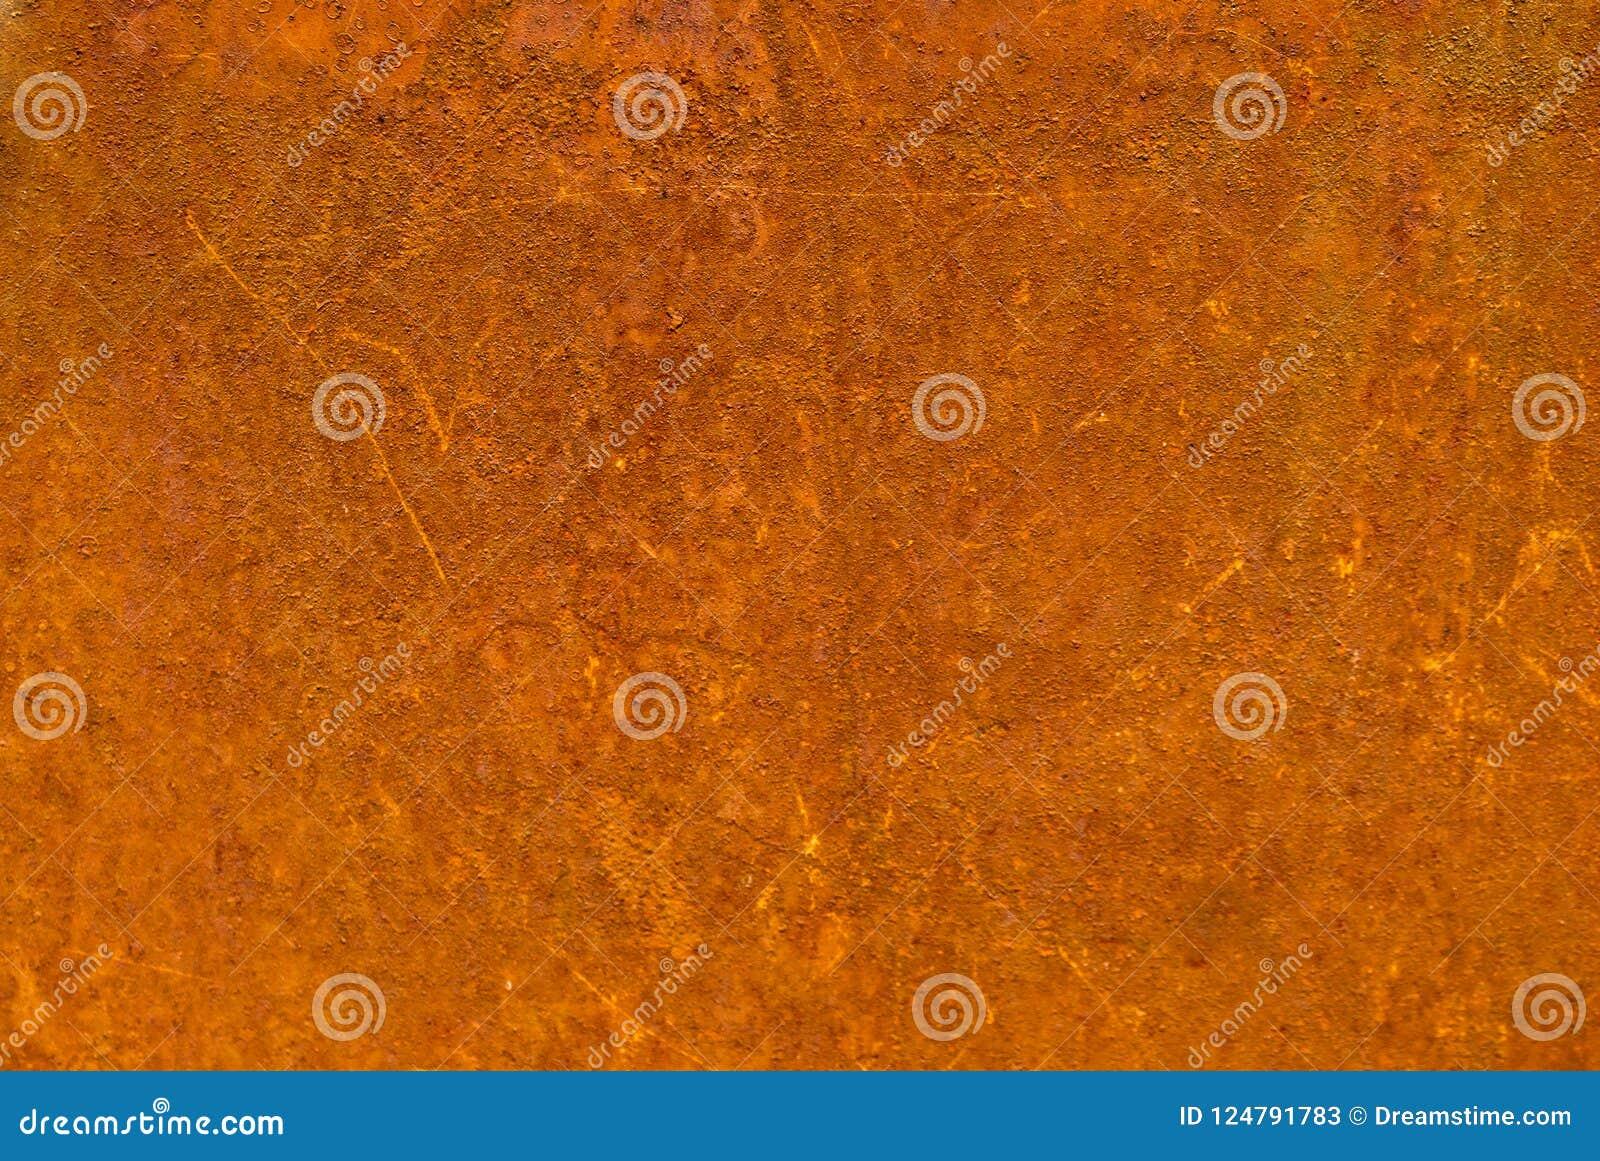 Metal oxidado com cor alaranjado-marrom da corrosão